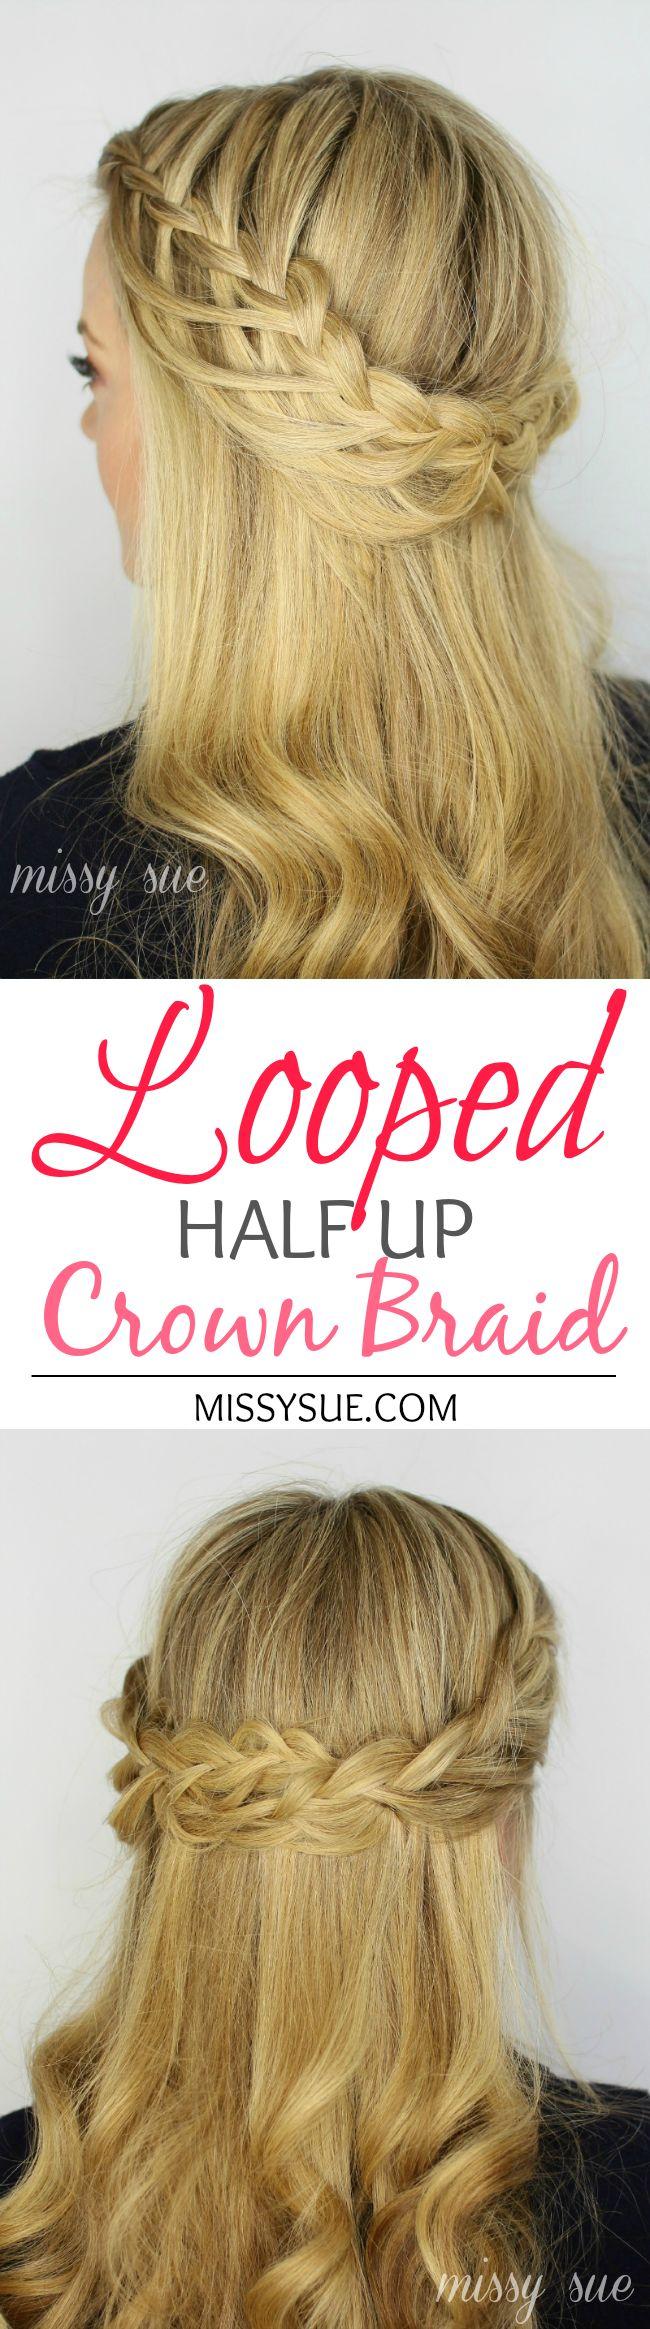 Looped Half Up Crown Braid | Missy Sue